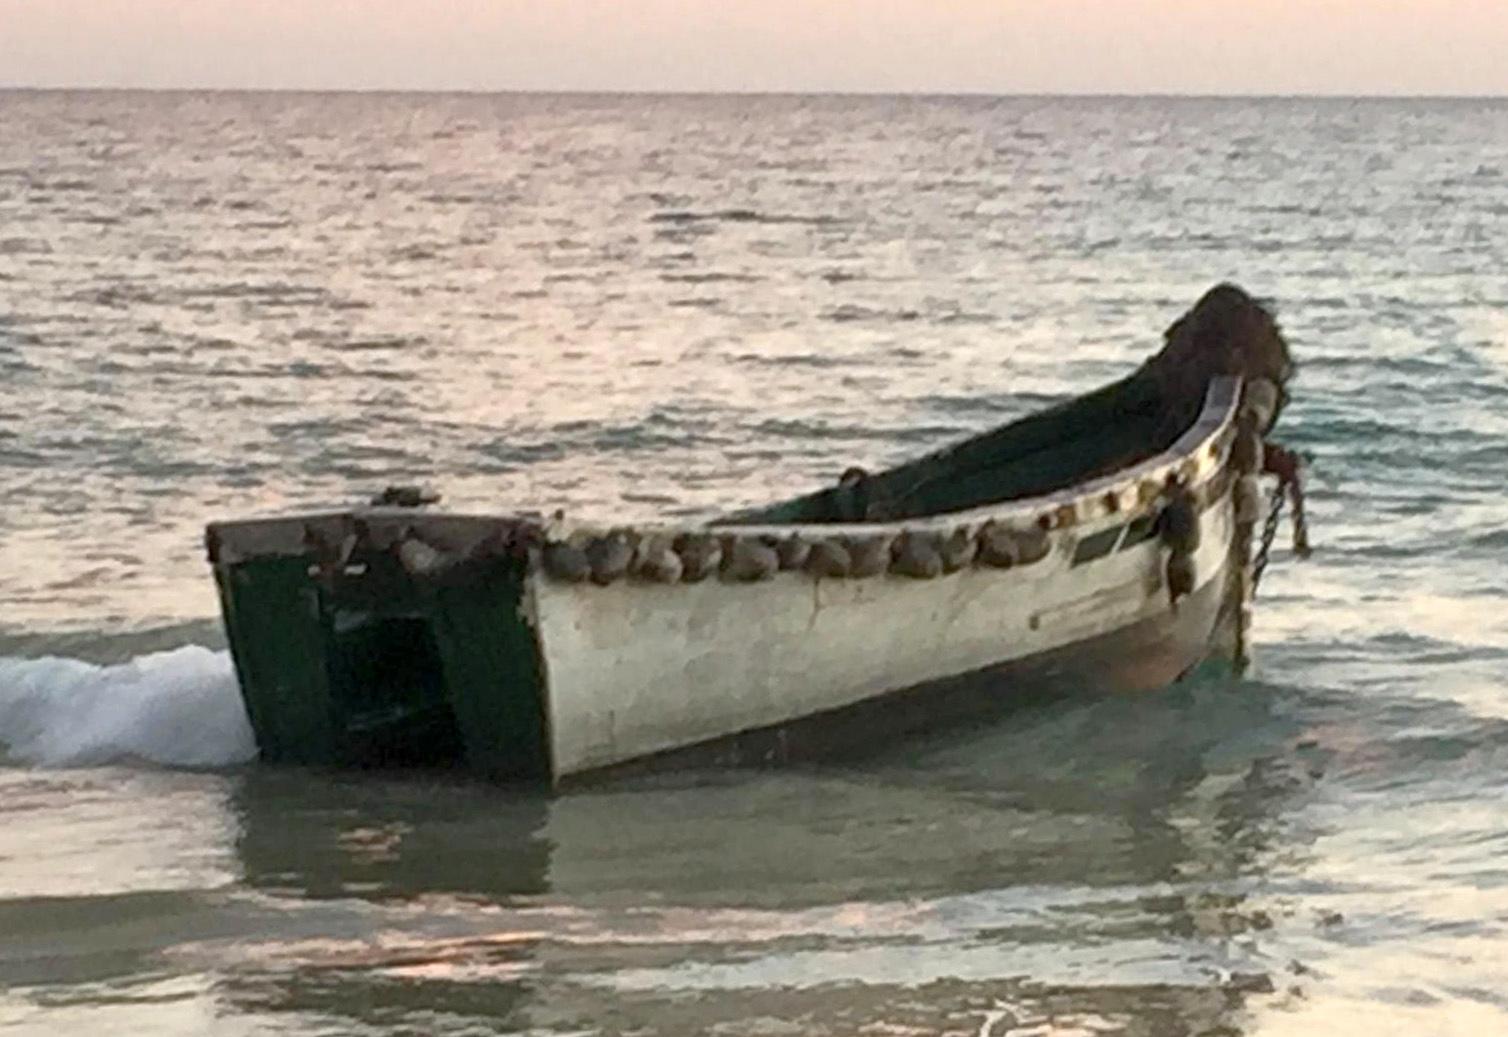 Malta spasila 69 migranata, ali odbija primiti 31 s njemačkog broda